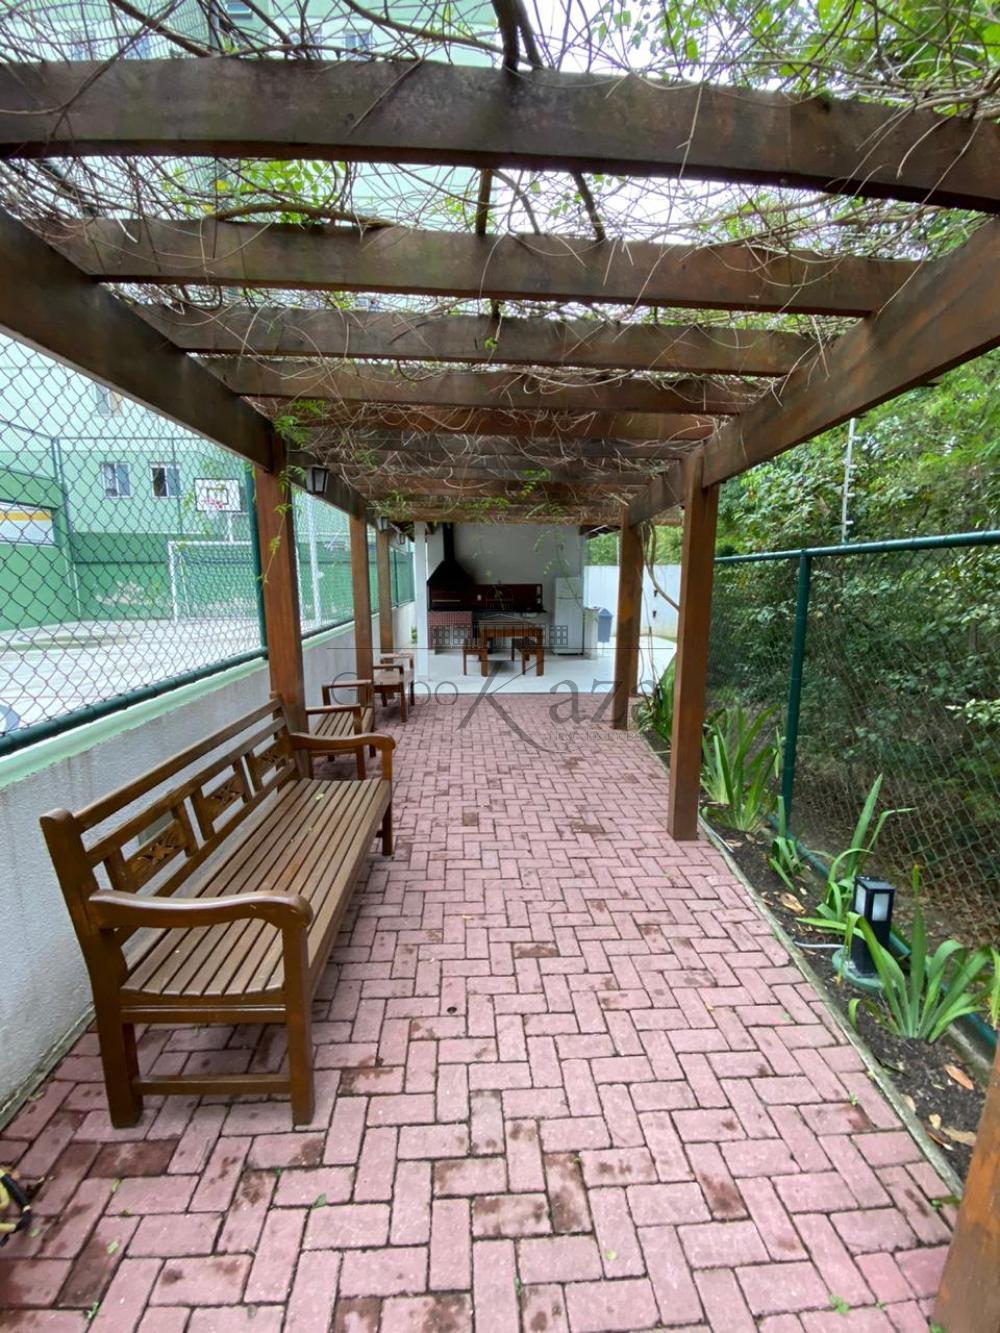 Comprar Apartamento / Padrão em São José dos Campos apenas R$ 270.000,00 - Foto 19